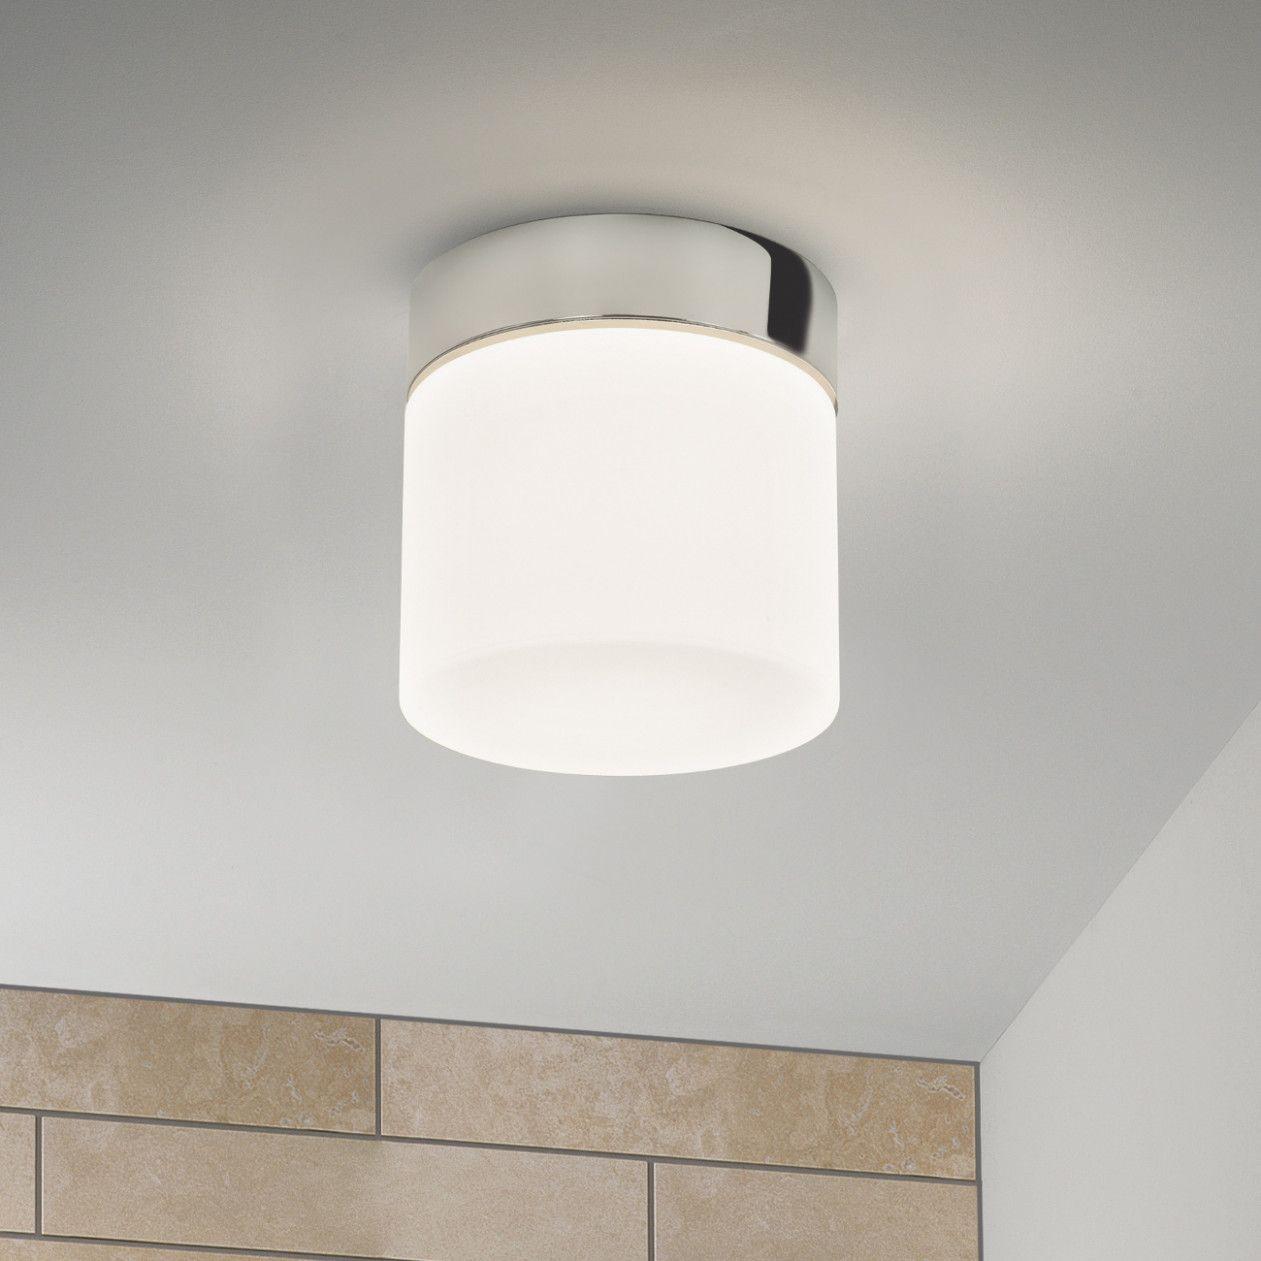 Die Wahrheit Uber Badezimmer Leuchte Design Wird Bald Enthullt Badezimmer Ideen Bathroom Ceiling Light Ceiling Lights Best Bathroom Lighting